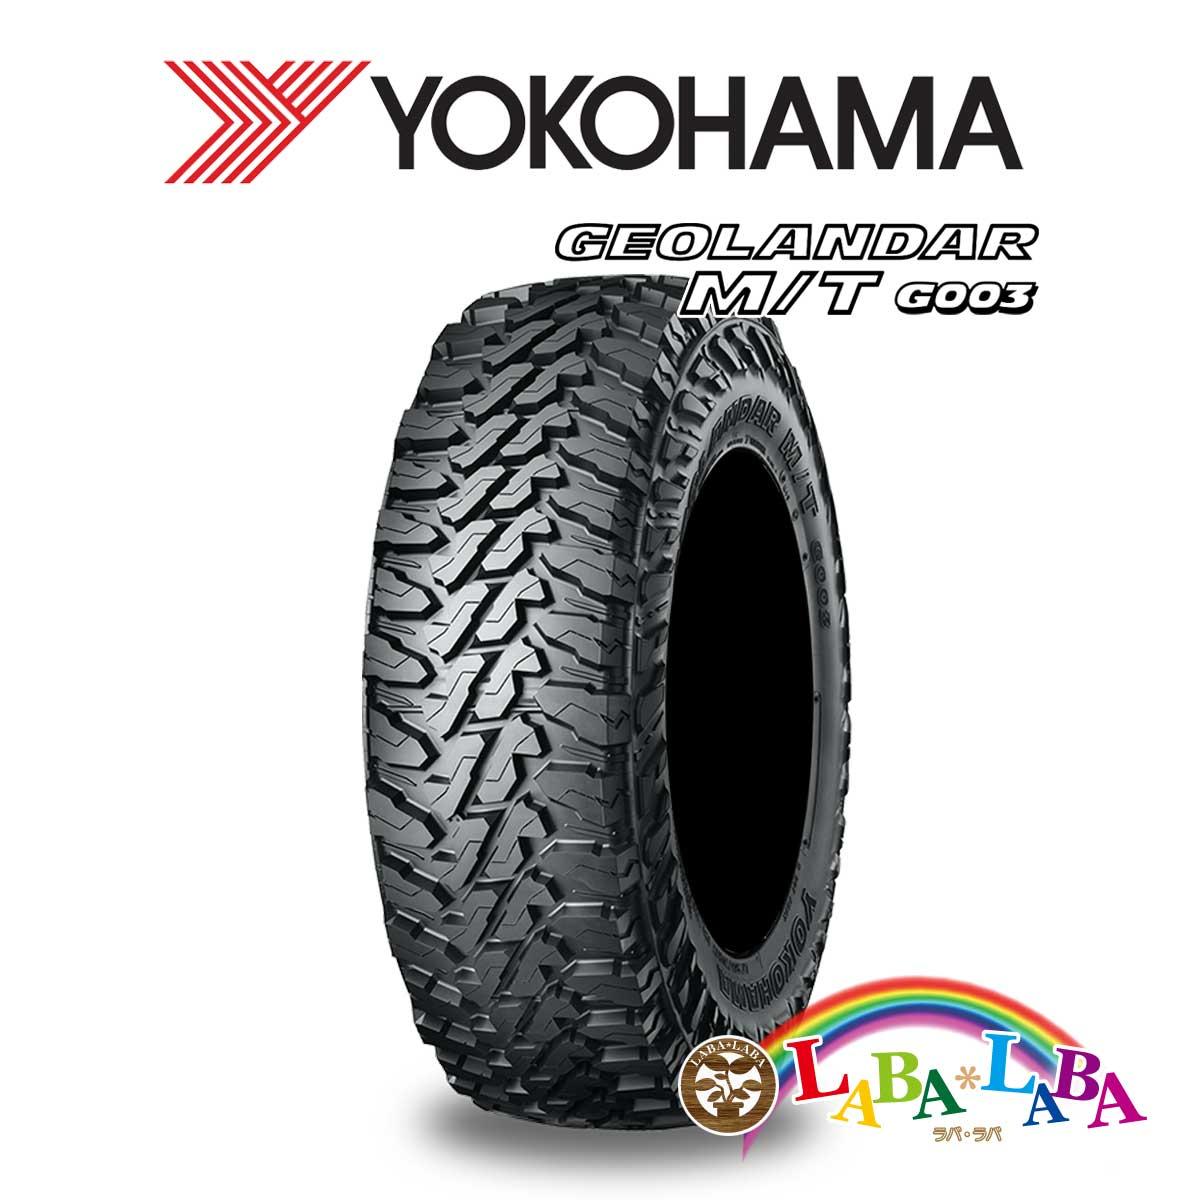 YOKOHAMA ヨコハマ GEOLANDAR ジオランダー M/T (MT) G003 225/65R17 107/103Q マッドテレーン SUV 4WD